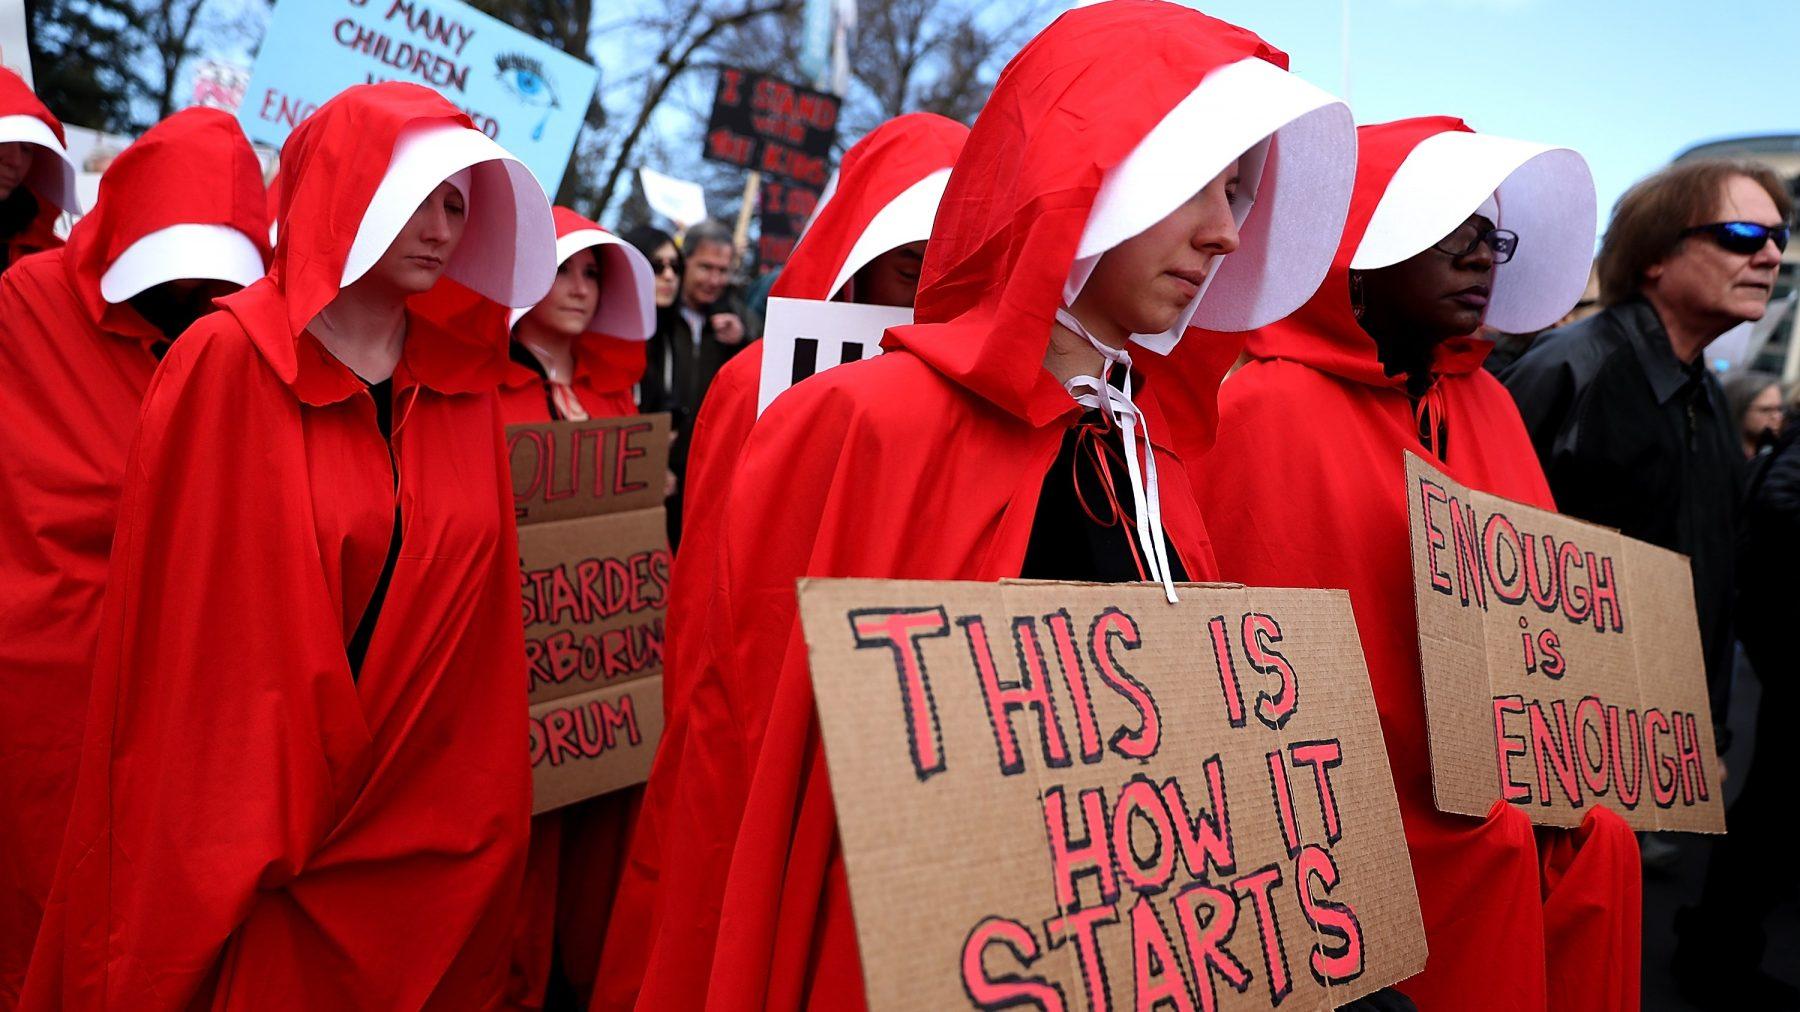 Kostuum handmaid's tale symbool voor protesten